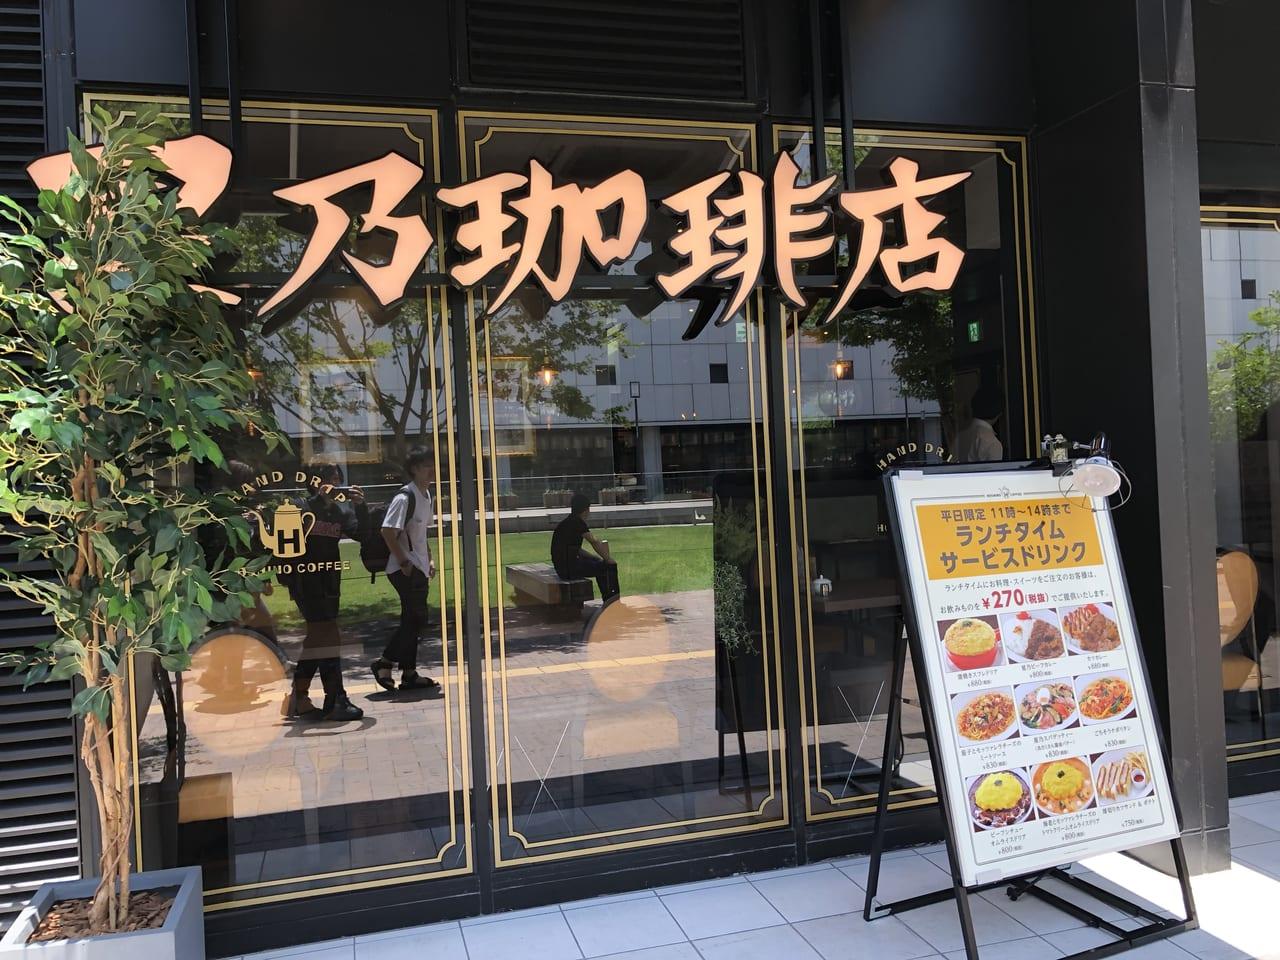 2019年星乃珈琲店 姫路駅前店外環